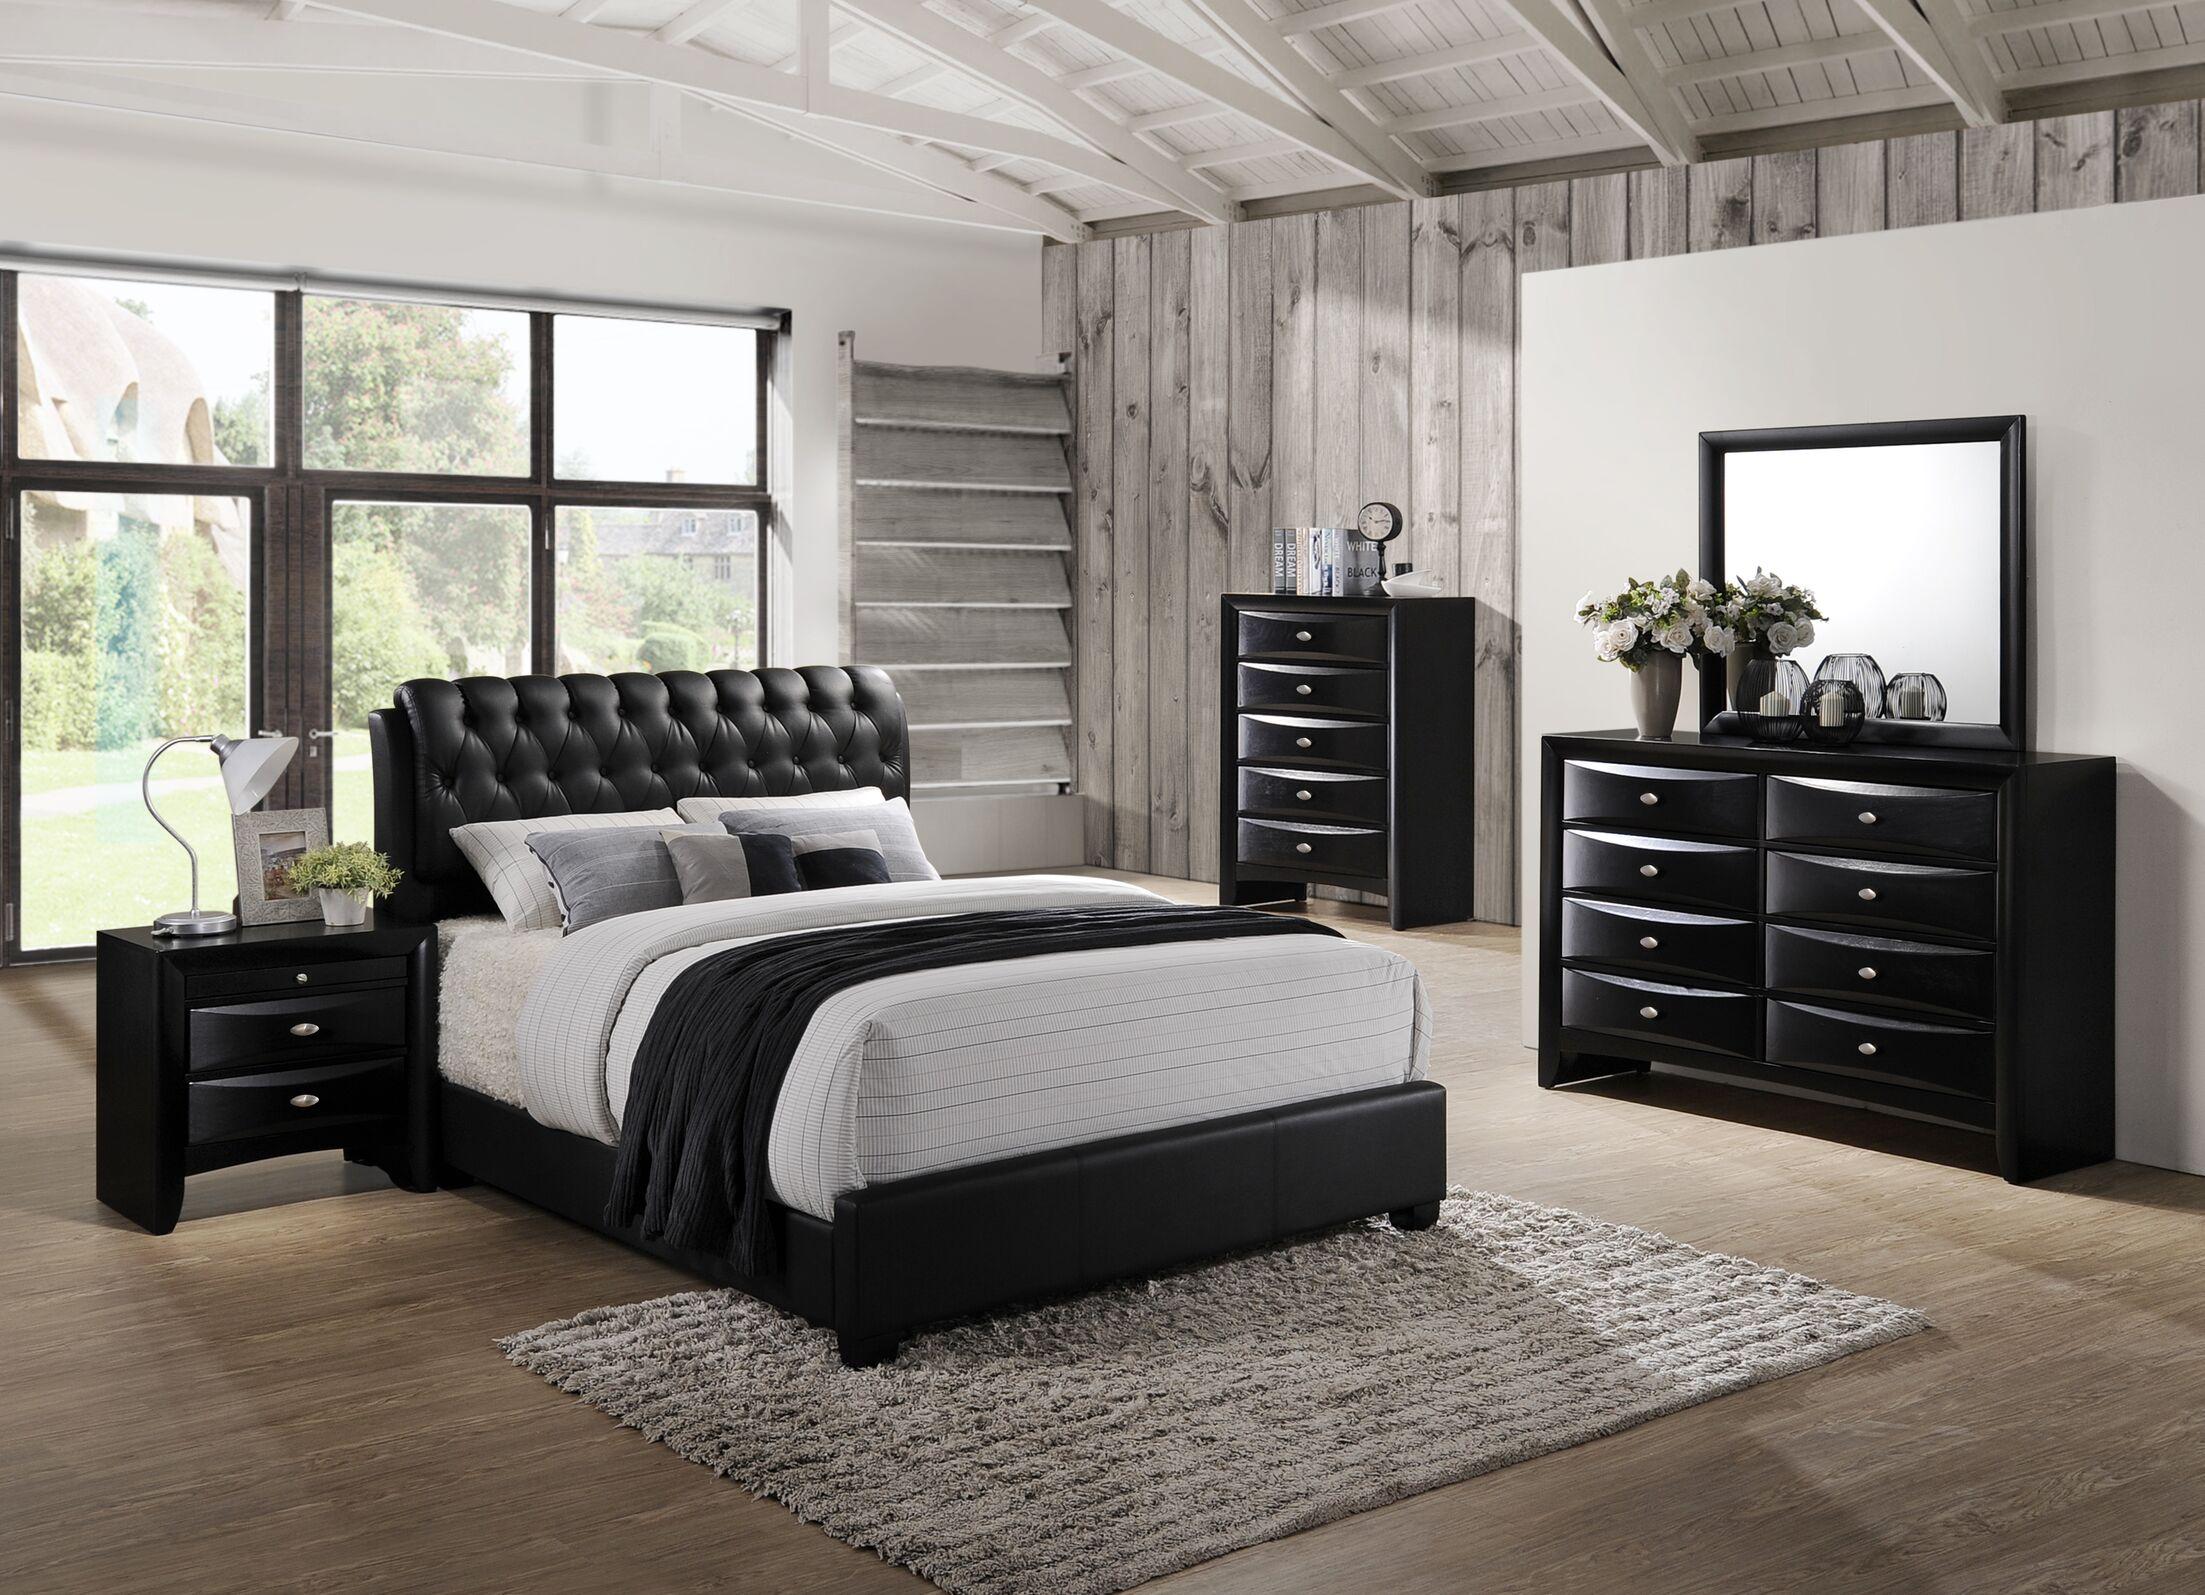 Blemerey 5 Piece Bedroom Set Size: Queen